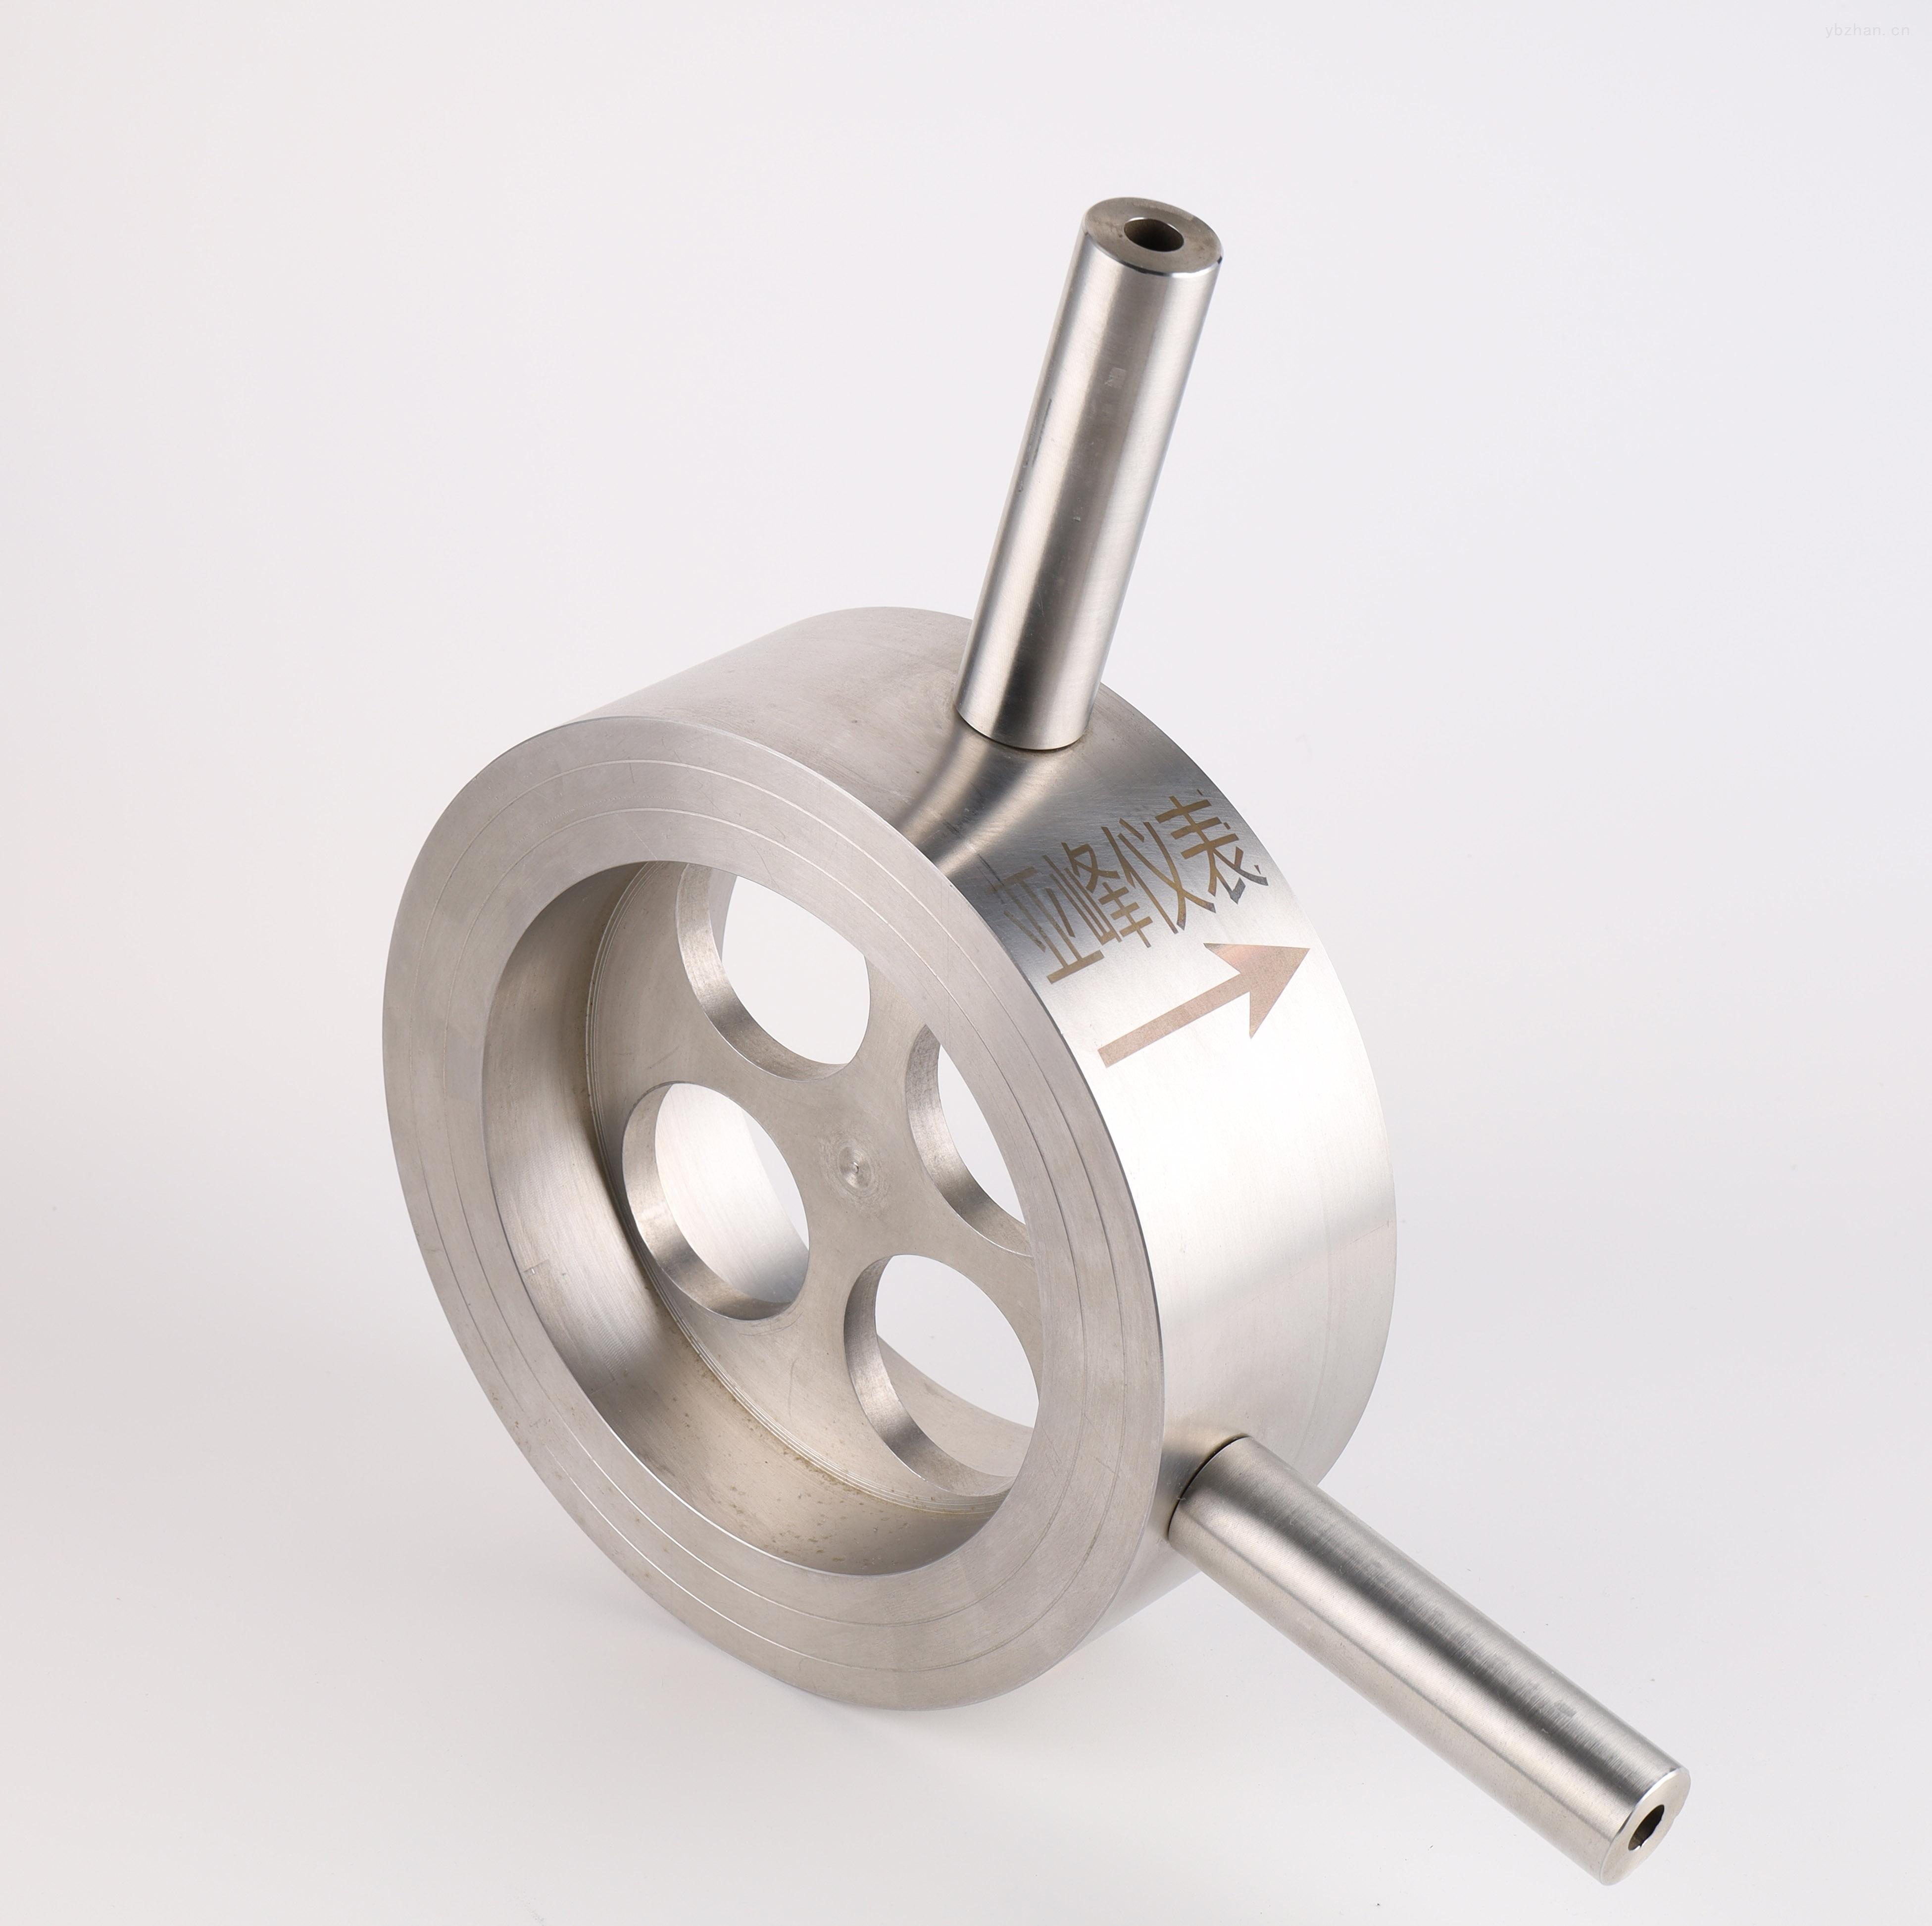 平衡孔板流量计 源头生产 非标定制 高精度